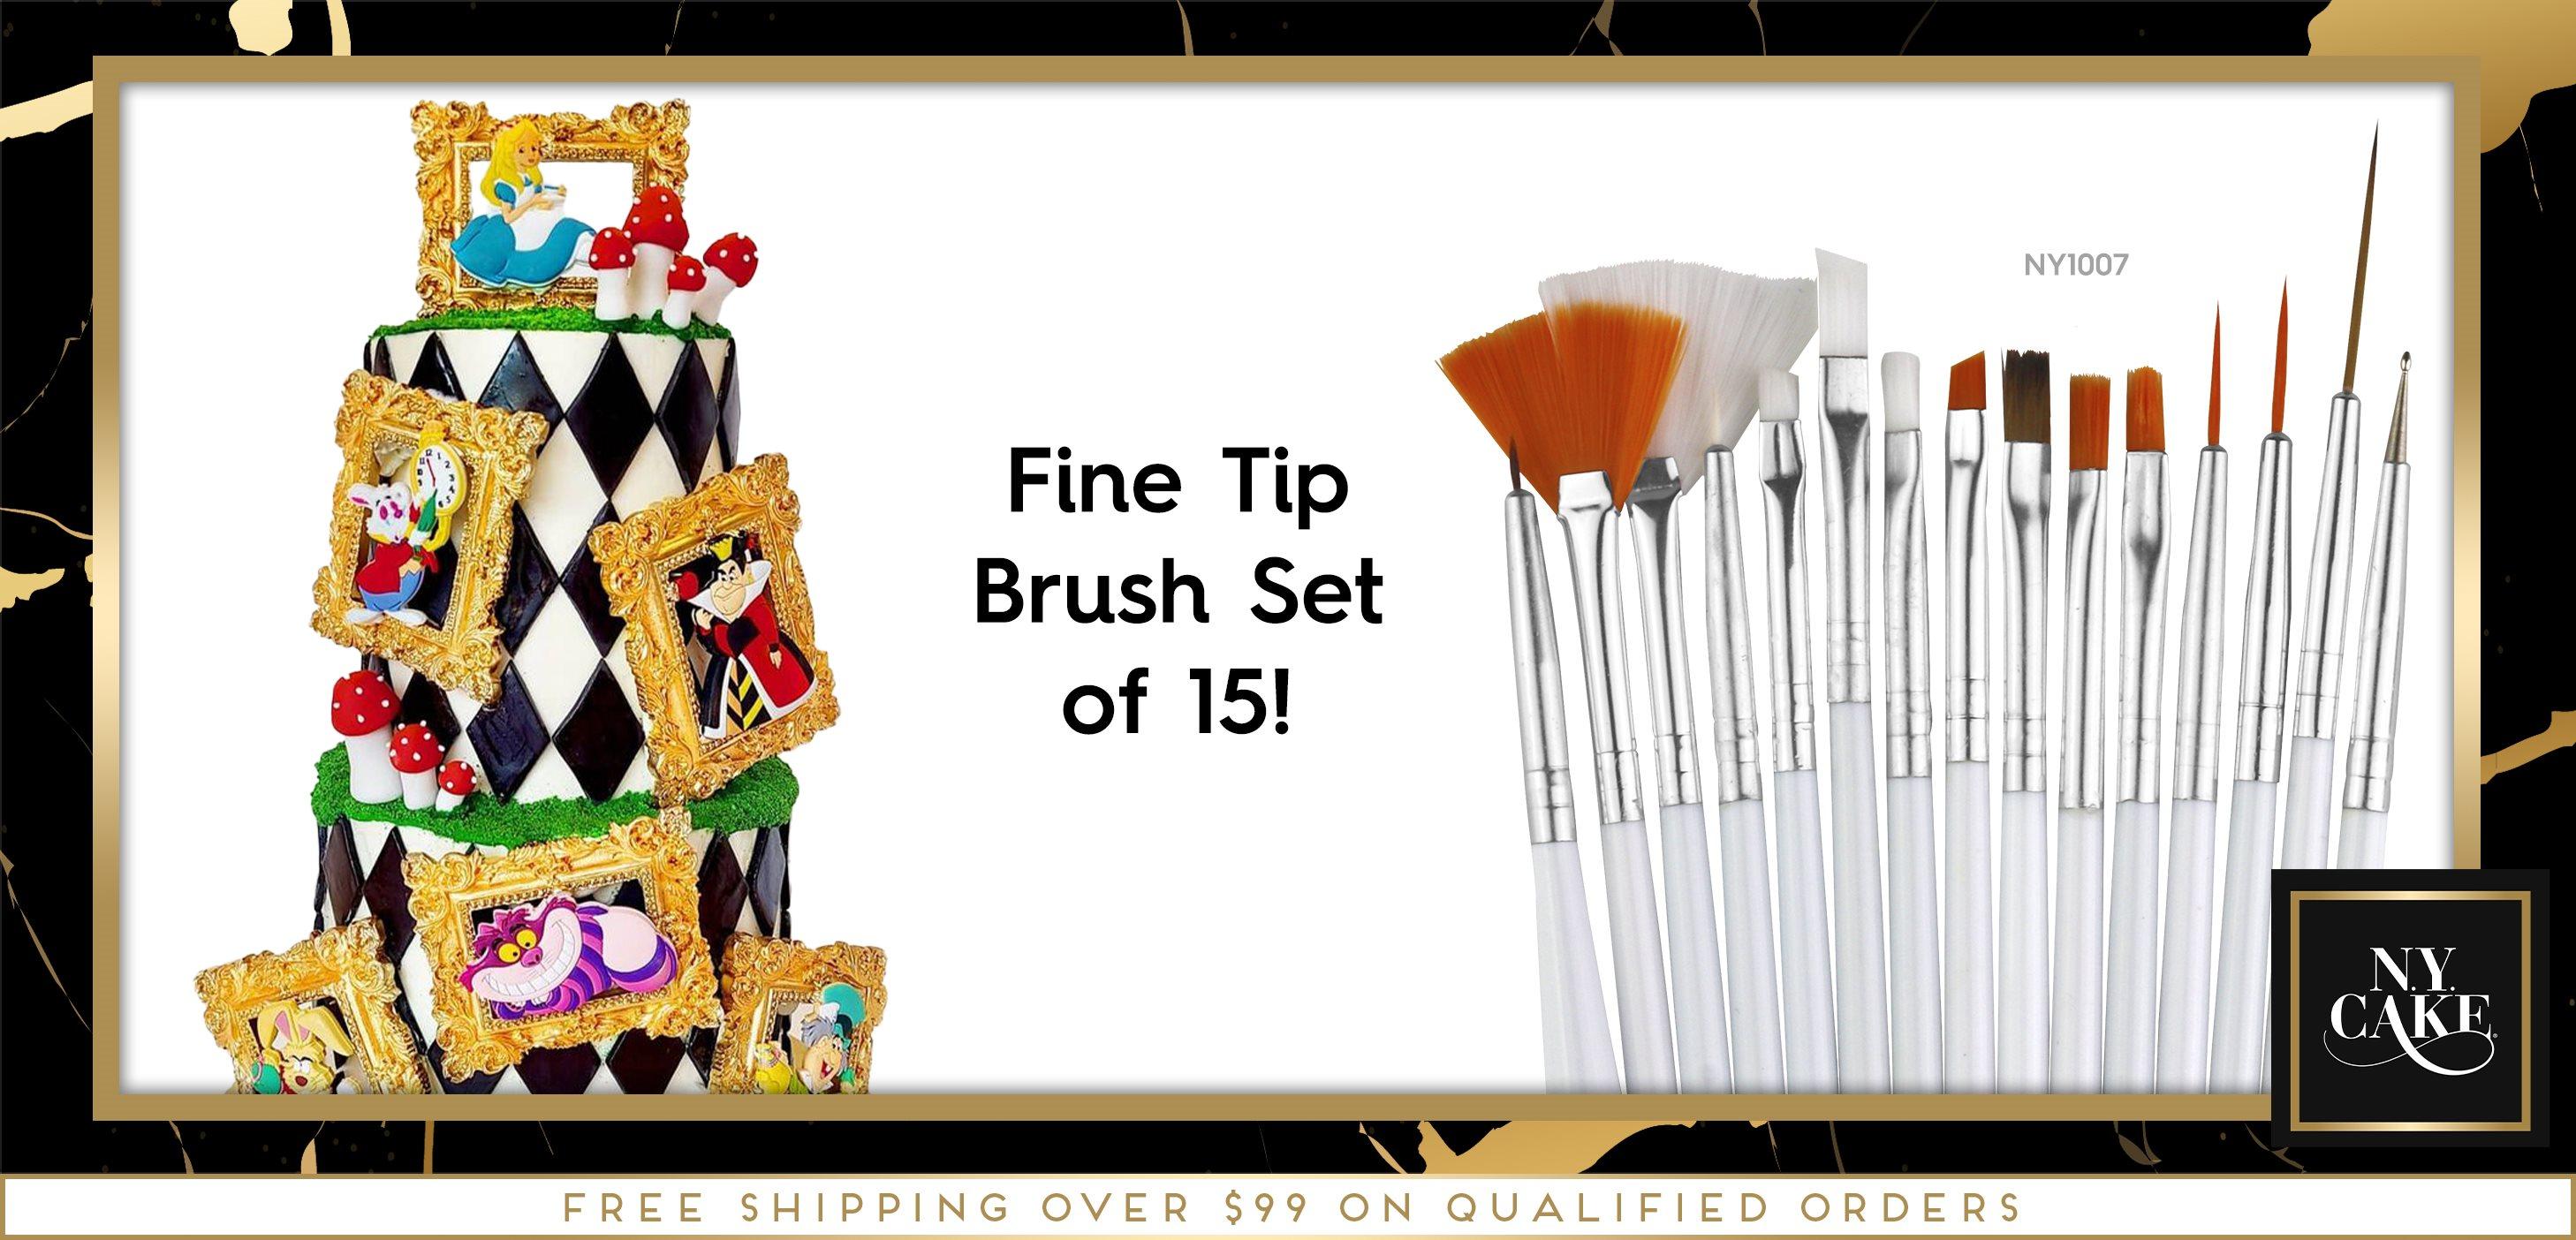 Fine Tip Brush Set